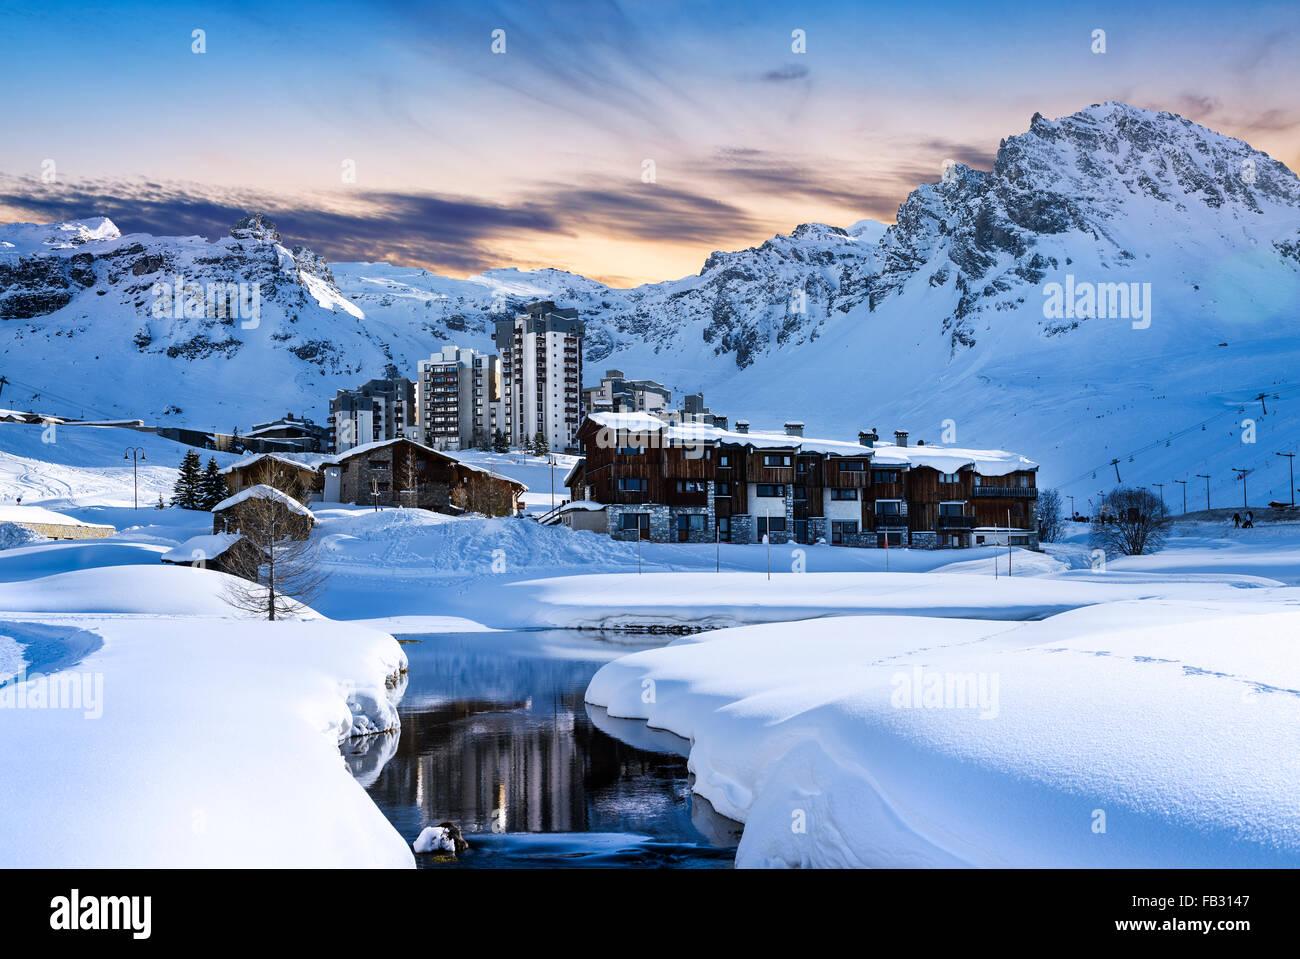 Nachtstück und Ski resort in den französischen Alpen, Tignes, Frankreich Stockbild